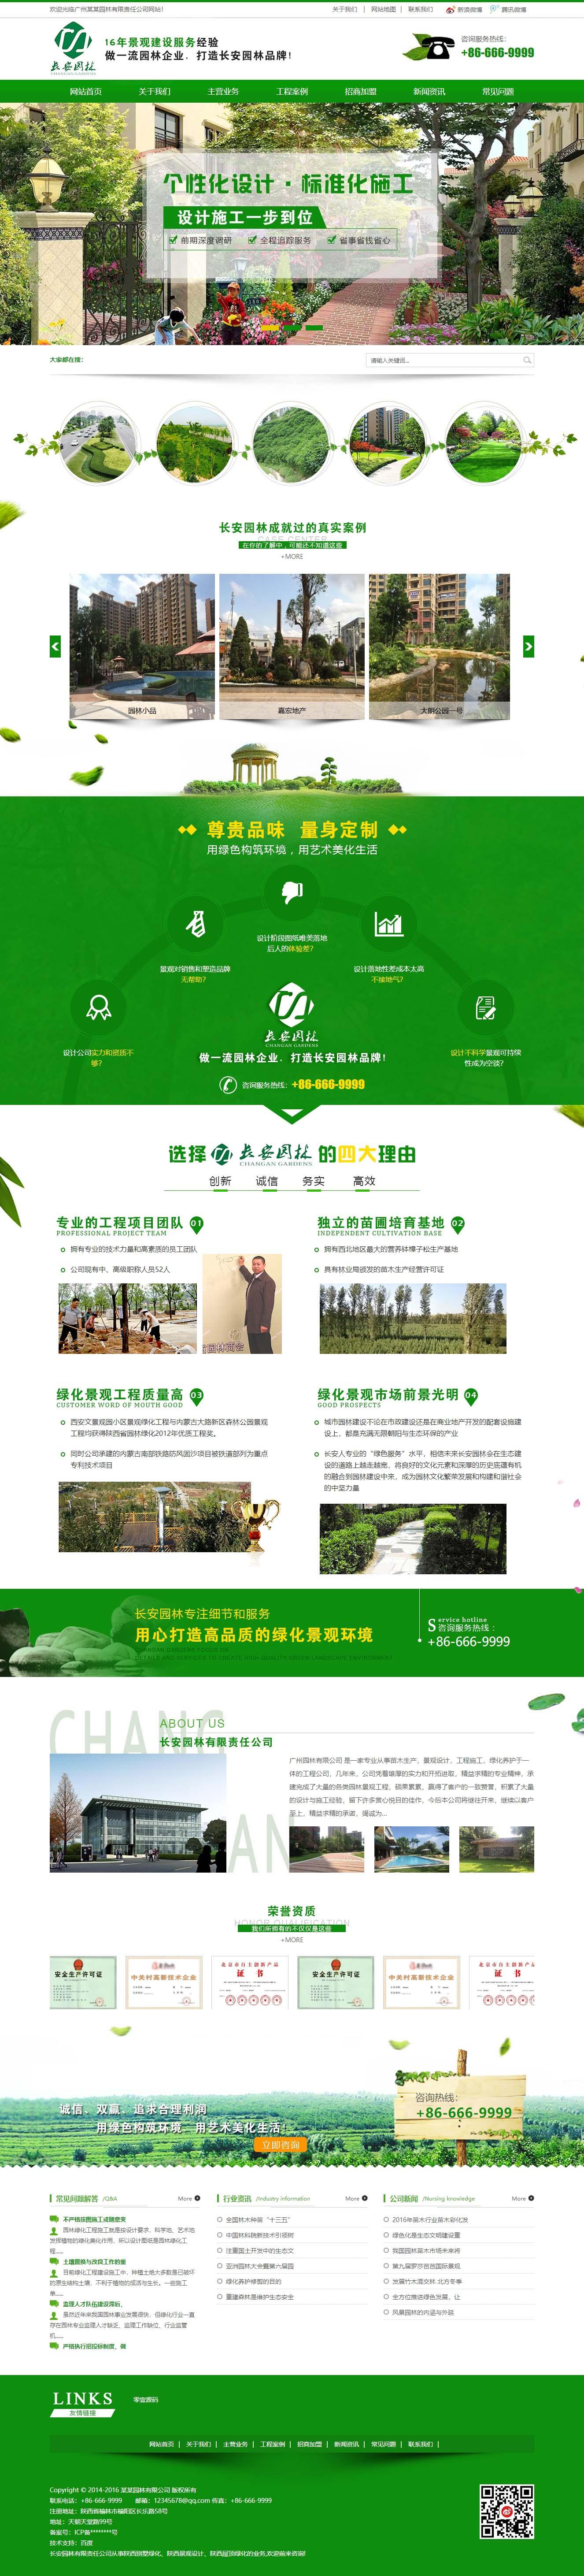 营销型绿色市政园林绿化类网站织梦dedecms模板(带手机端)